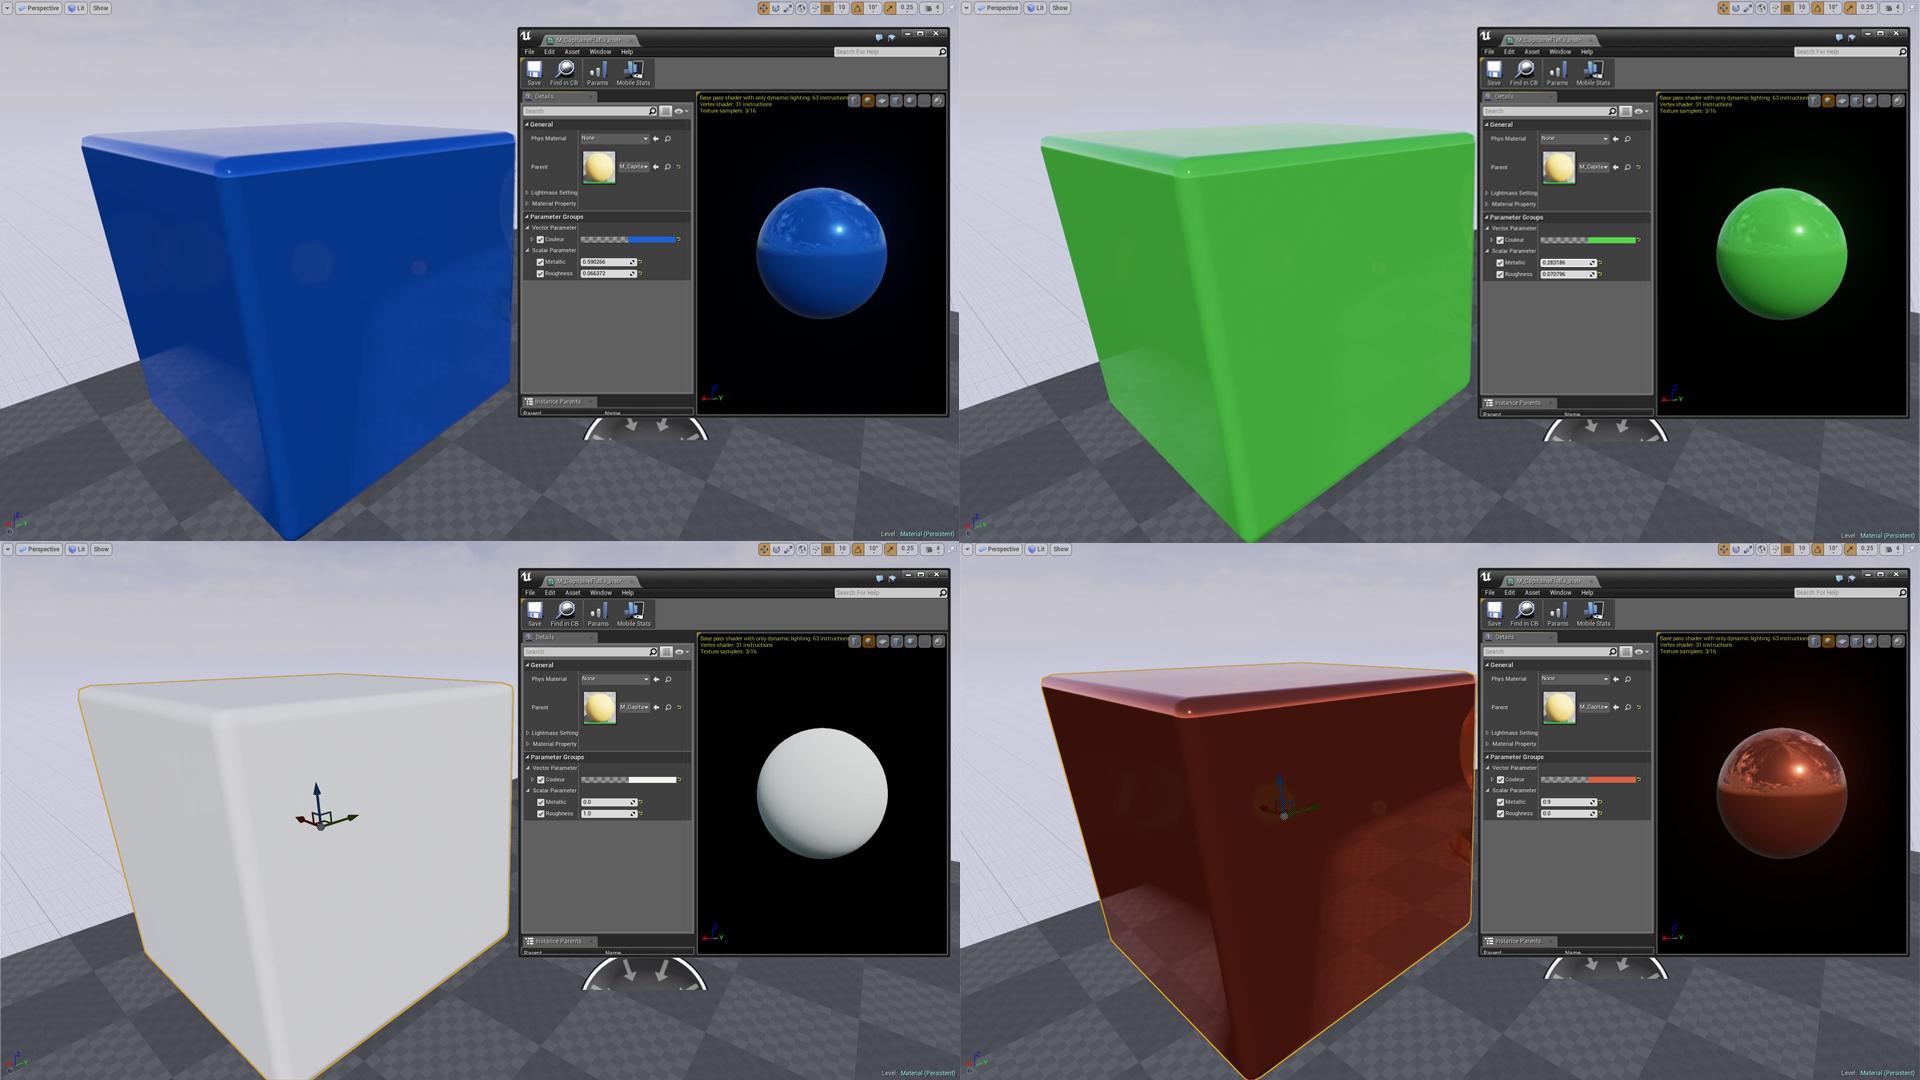 J'ai réalisé 4 screenshots pour vous montrer qu'on peut arriver à des choses totalement différentes en changeant un tout petit peu les paramètres.